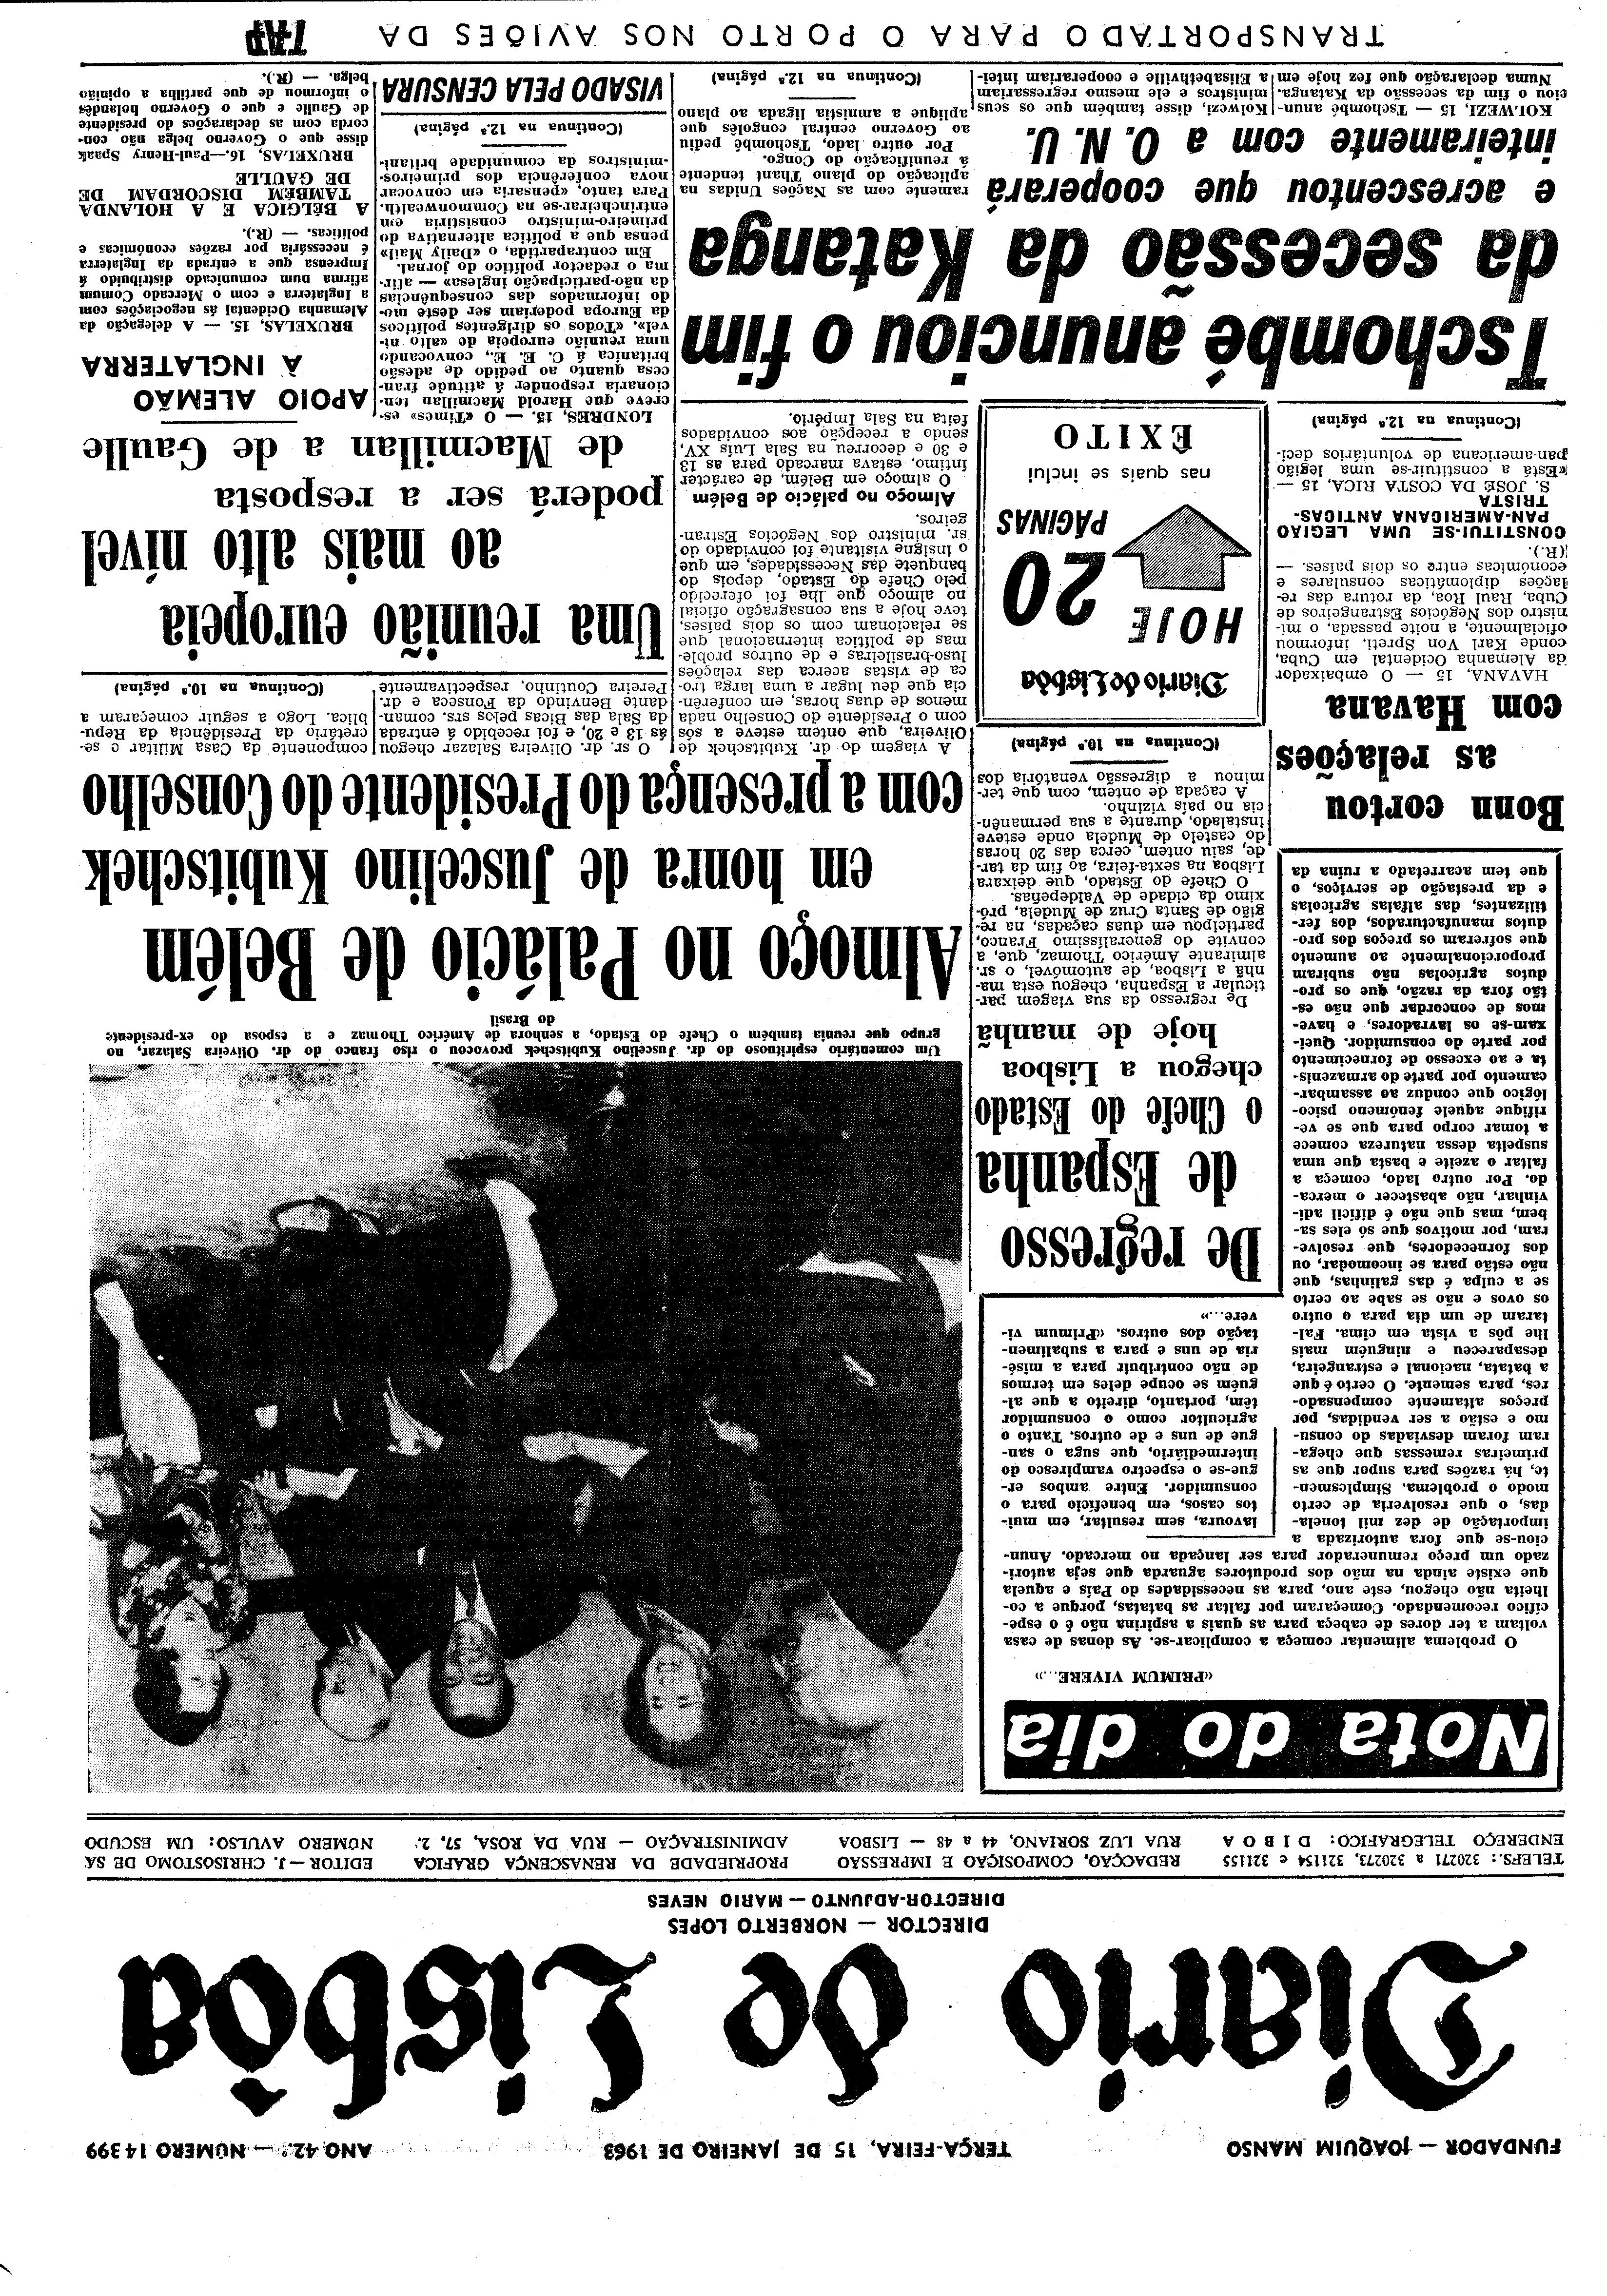 06547.085.18136- pag.1